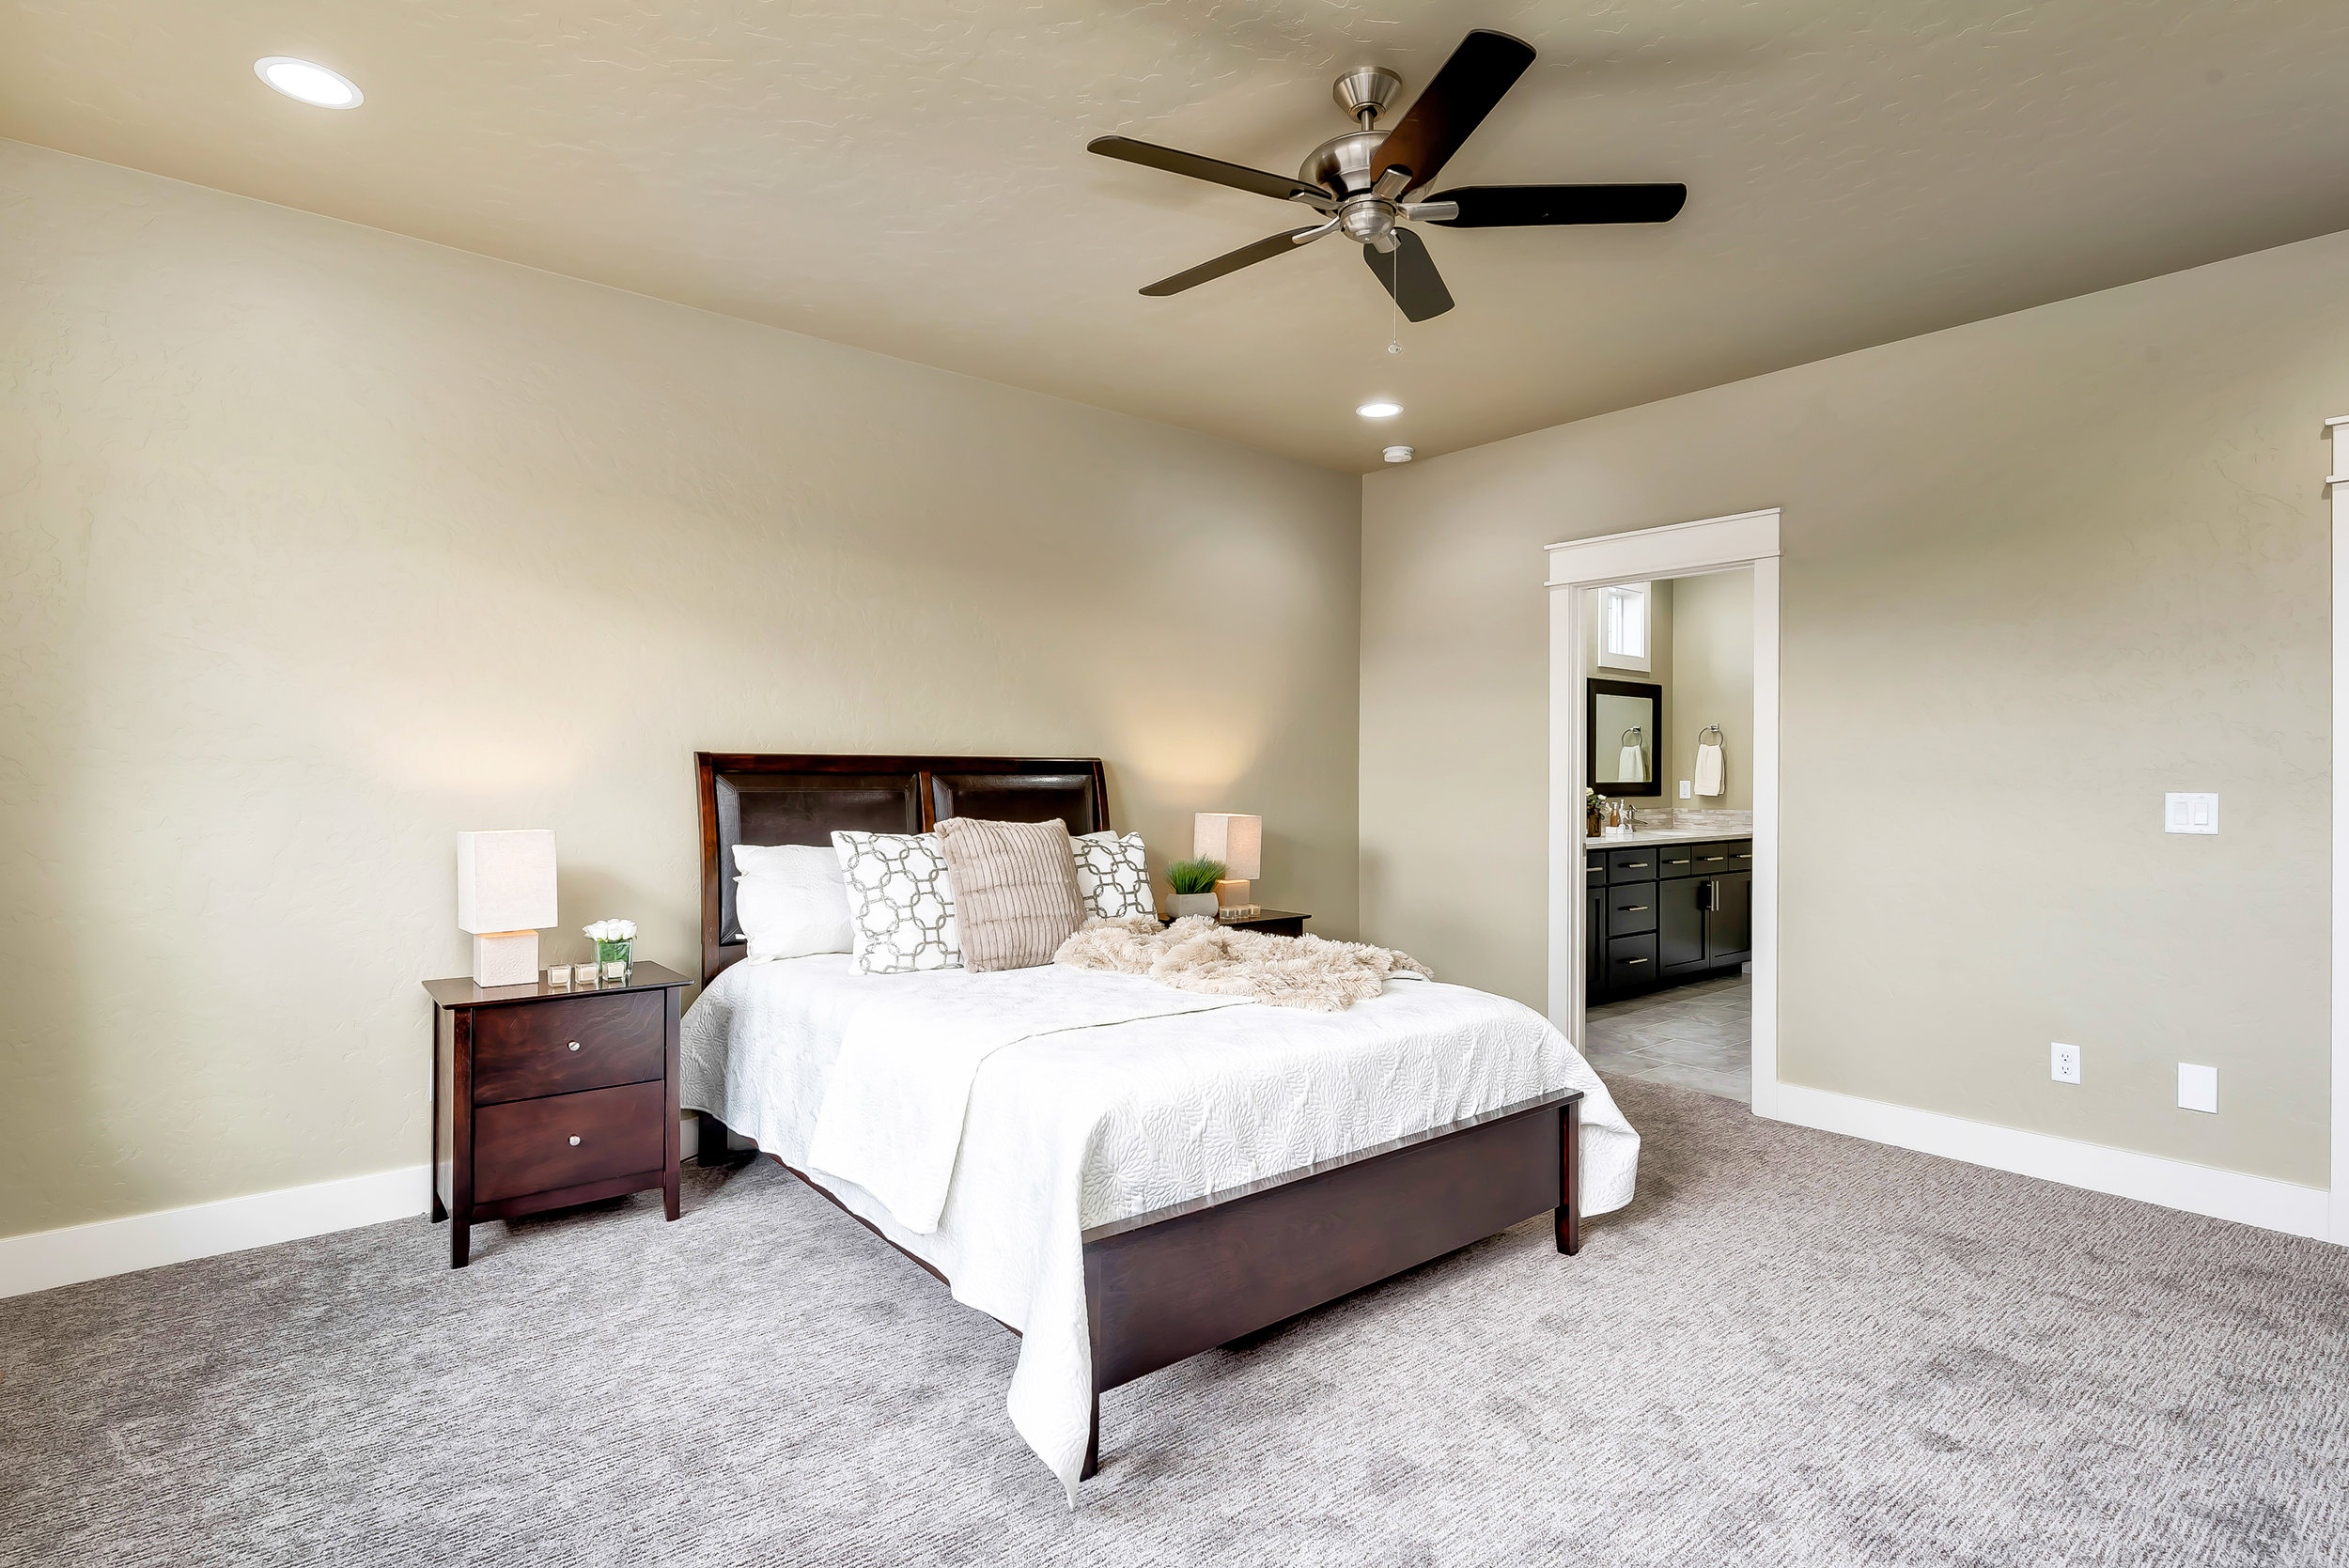 22-Master_Bedroom(1).jpg